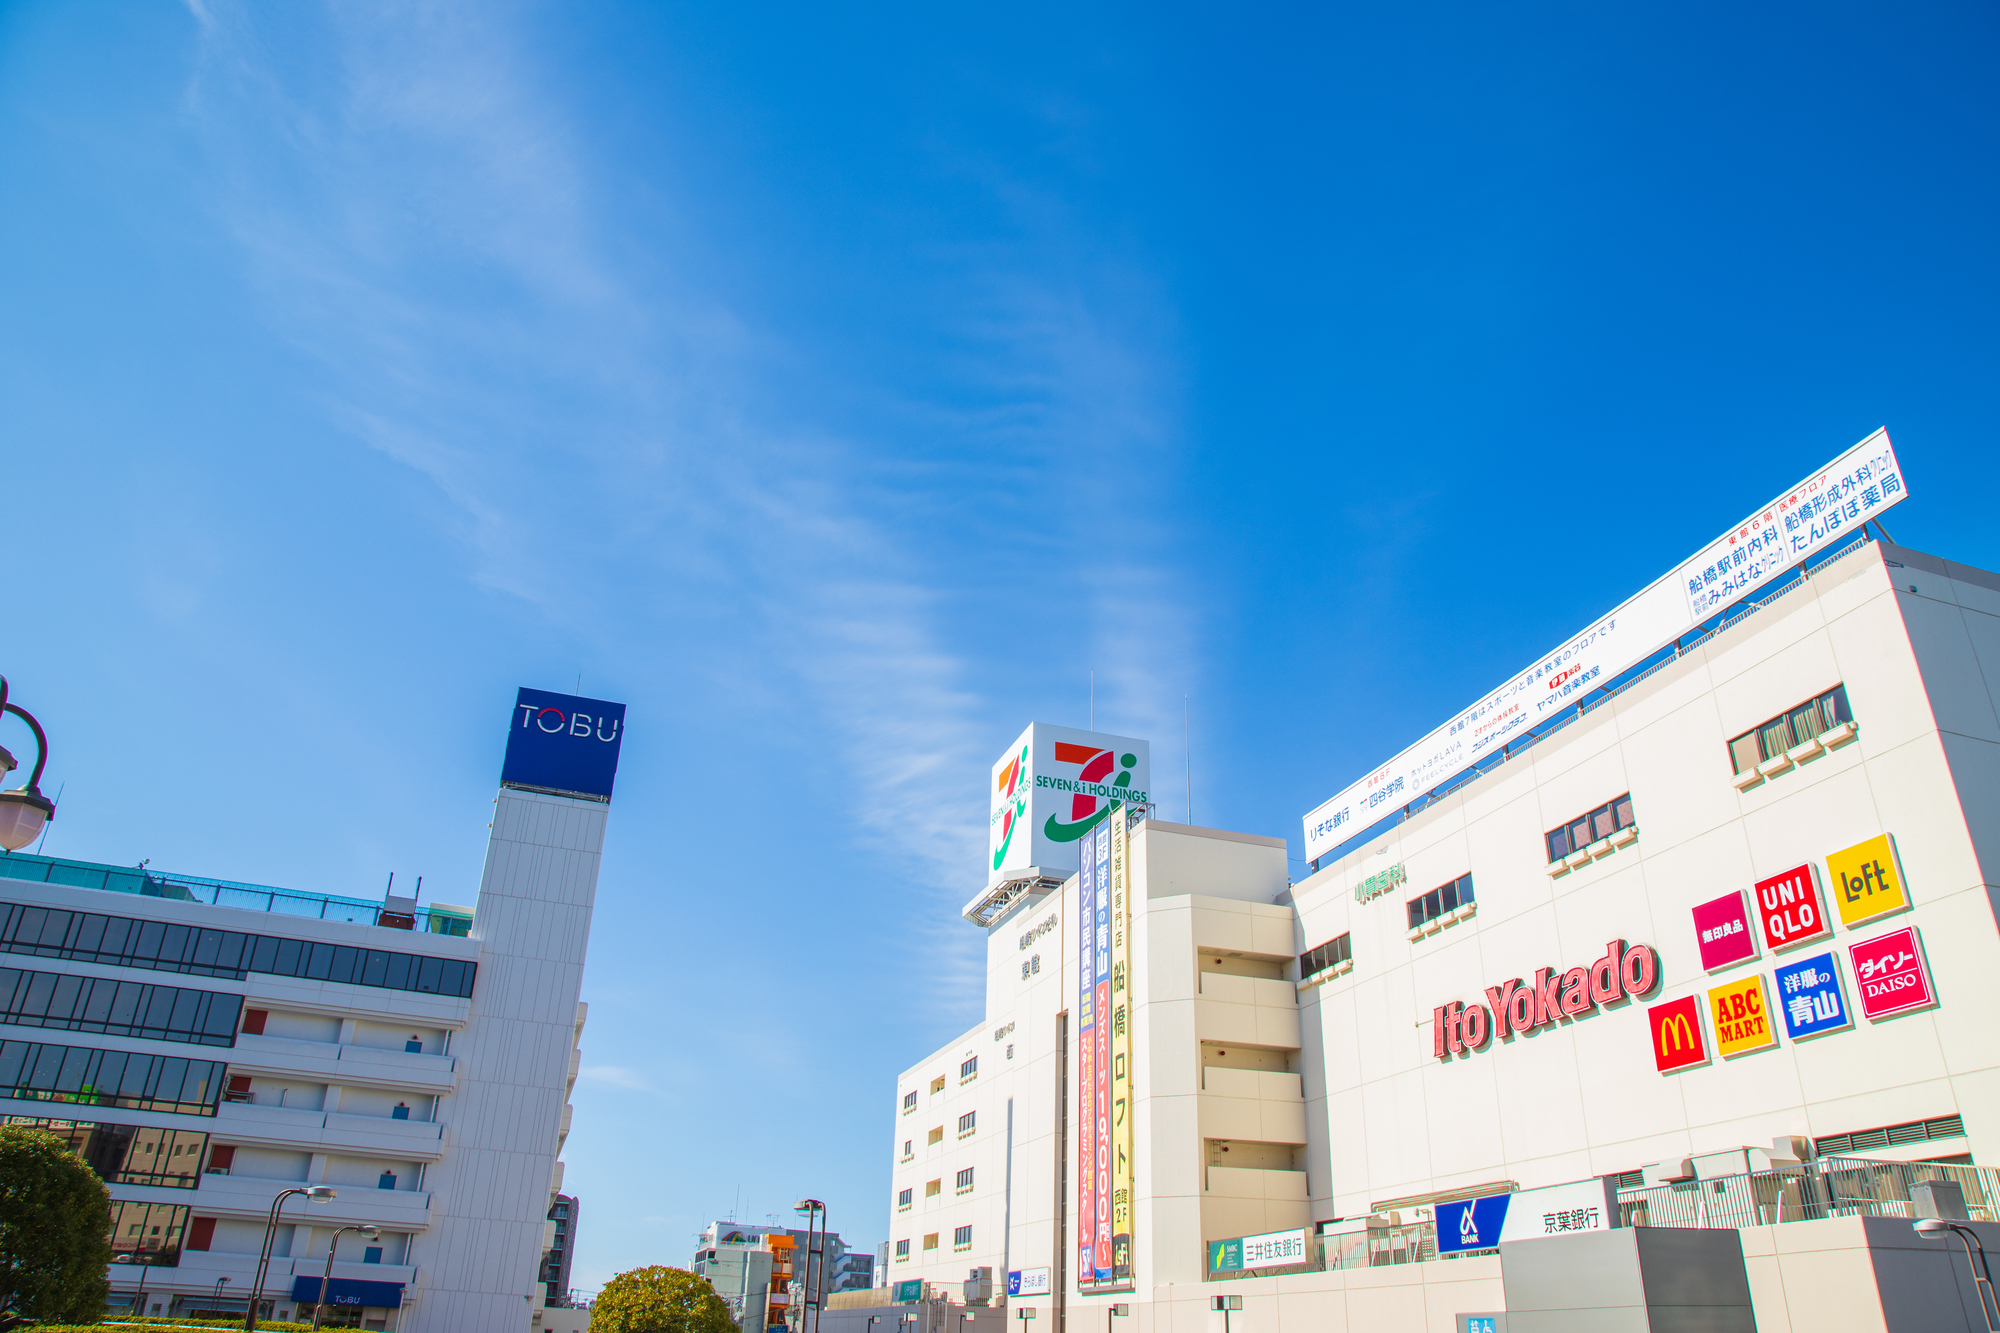 【船橋市編】仕事終わりに行ける夜間対応の歯医者8院!おすすめポイントも紹介